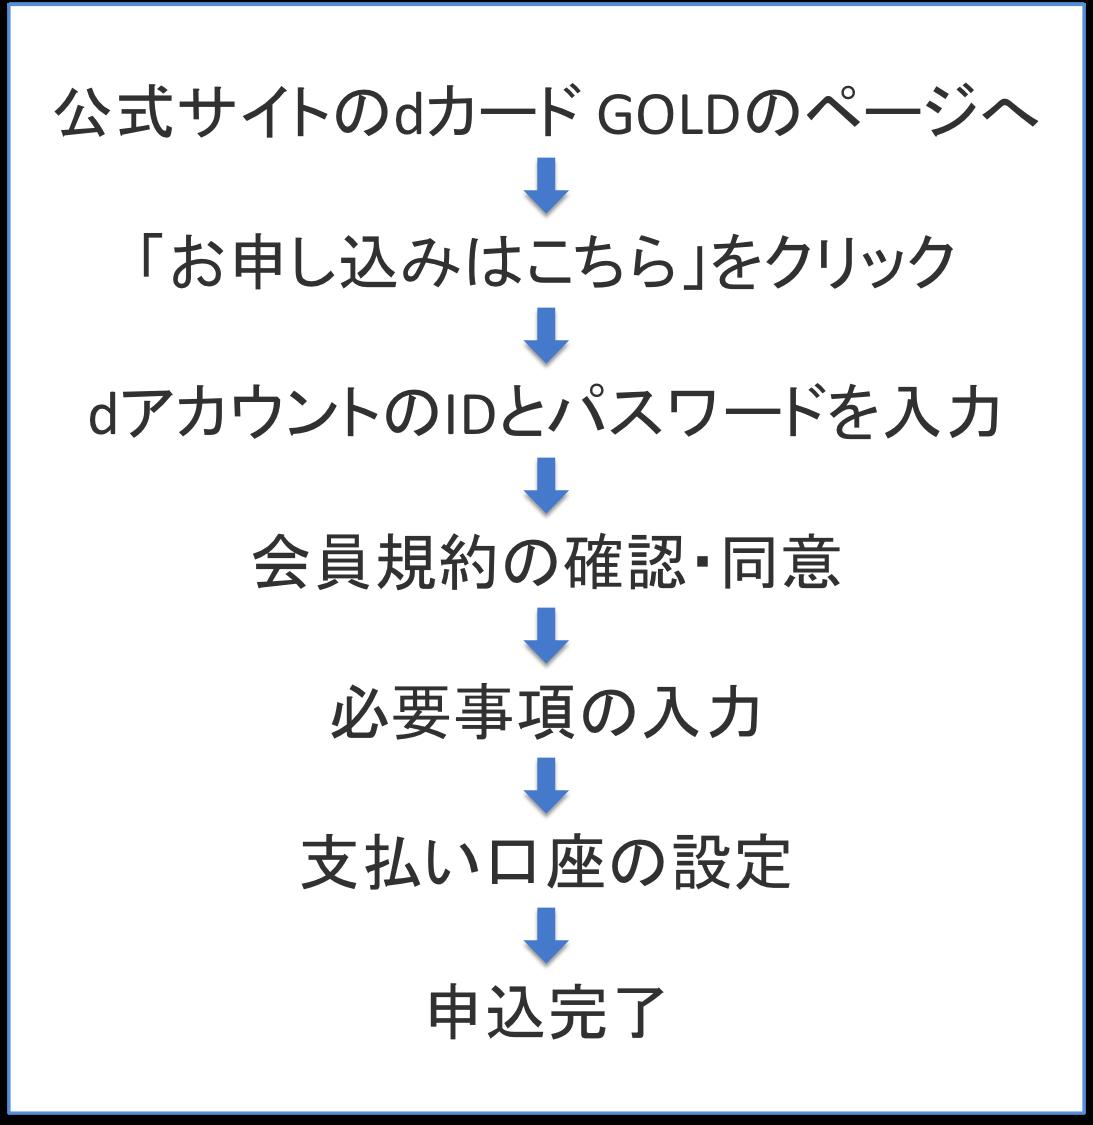 dカード GOLDの申込手順